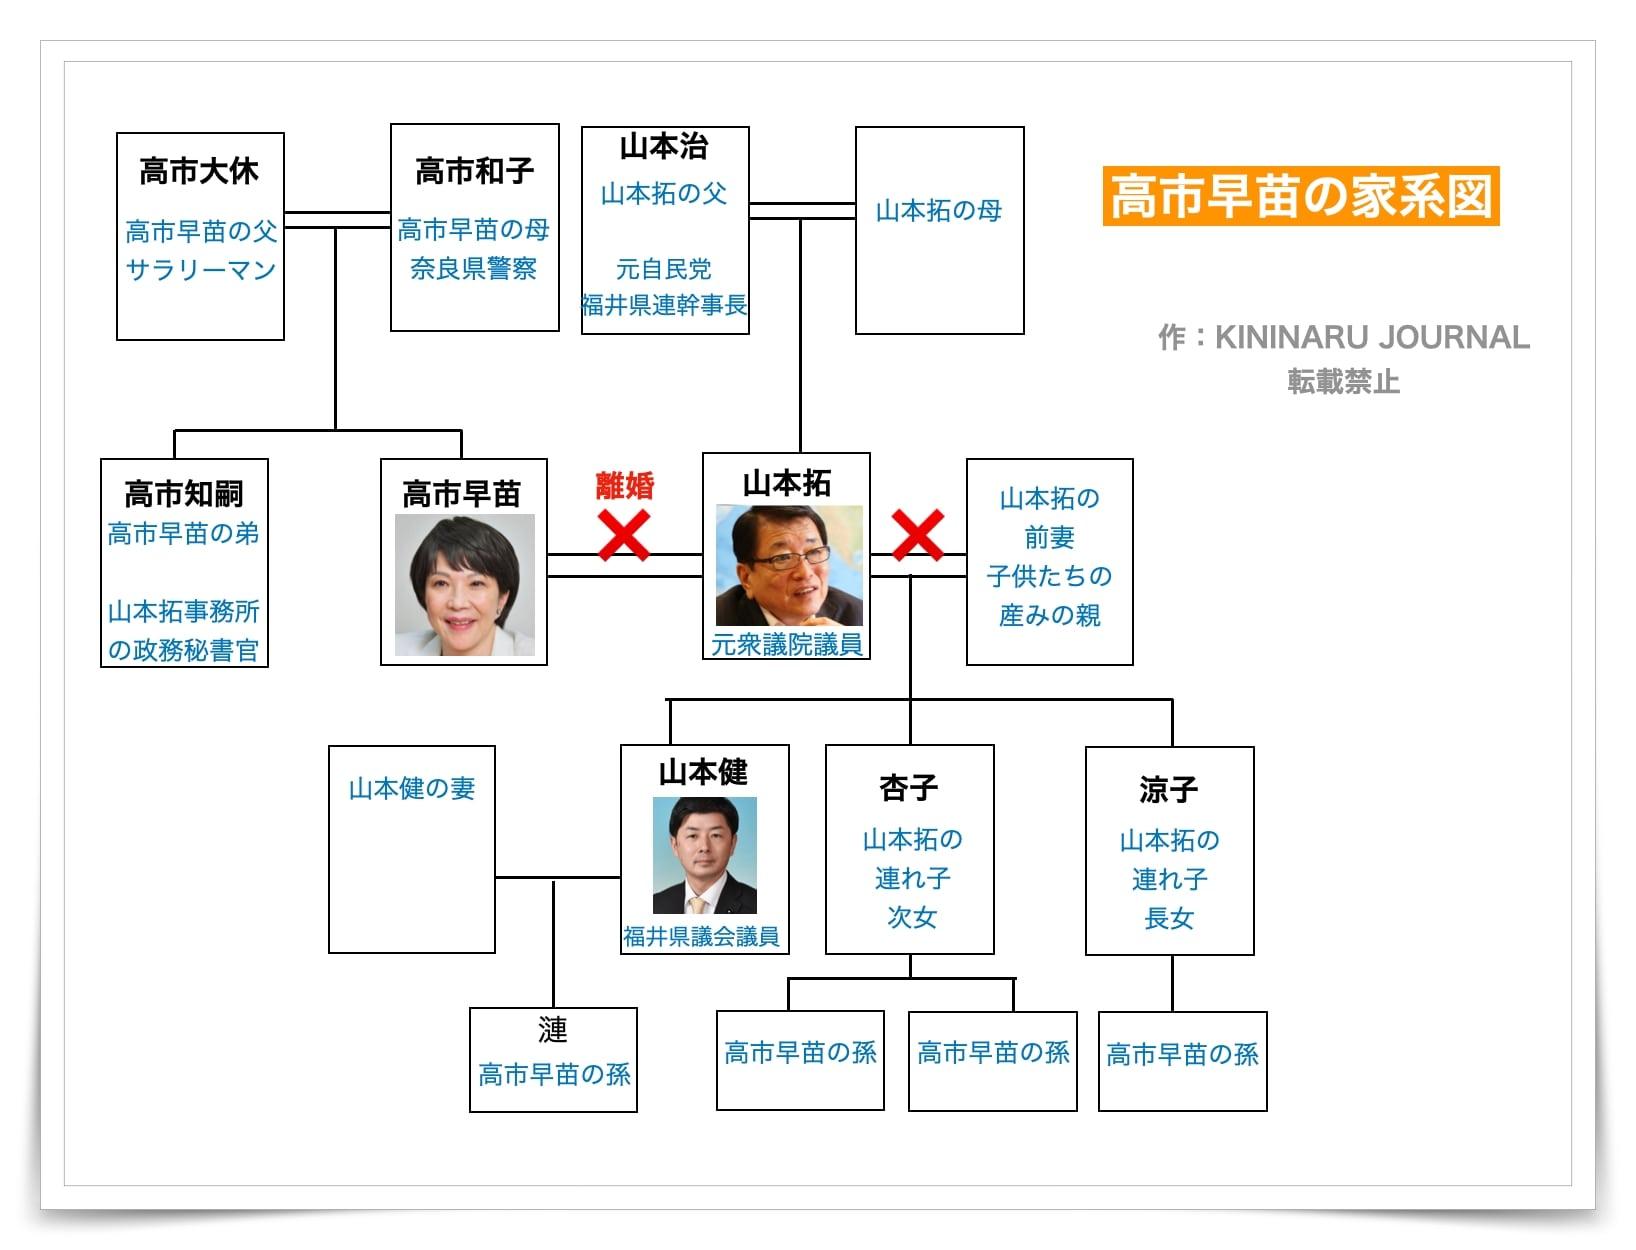 家系図,高市早苗,両親,養子,元夫,離婚,孫,息子,娘